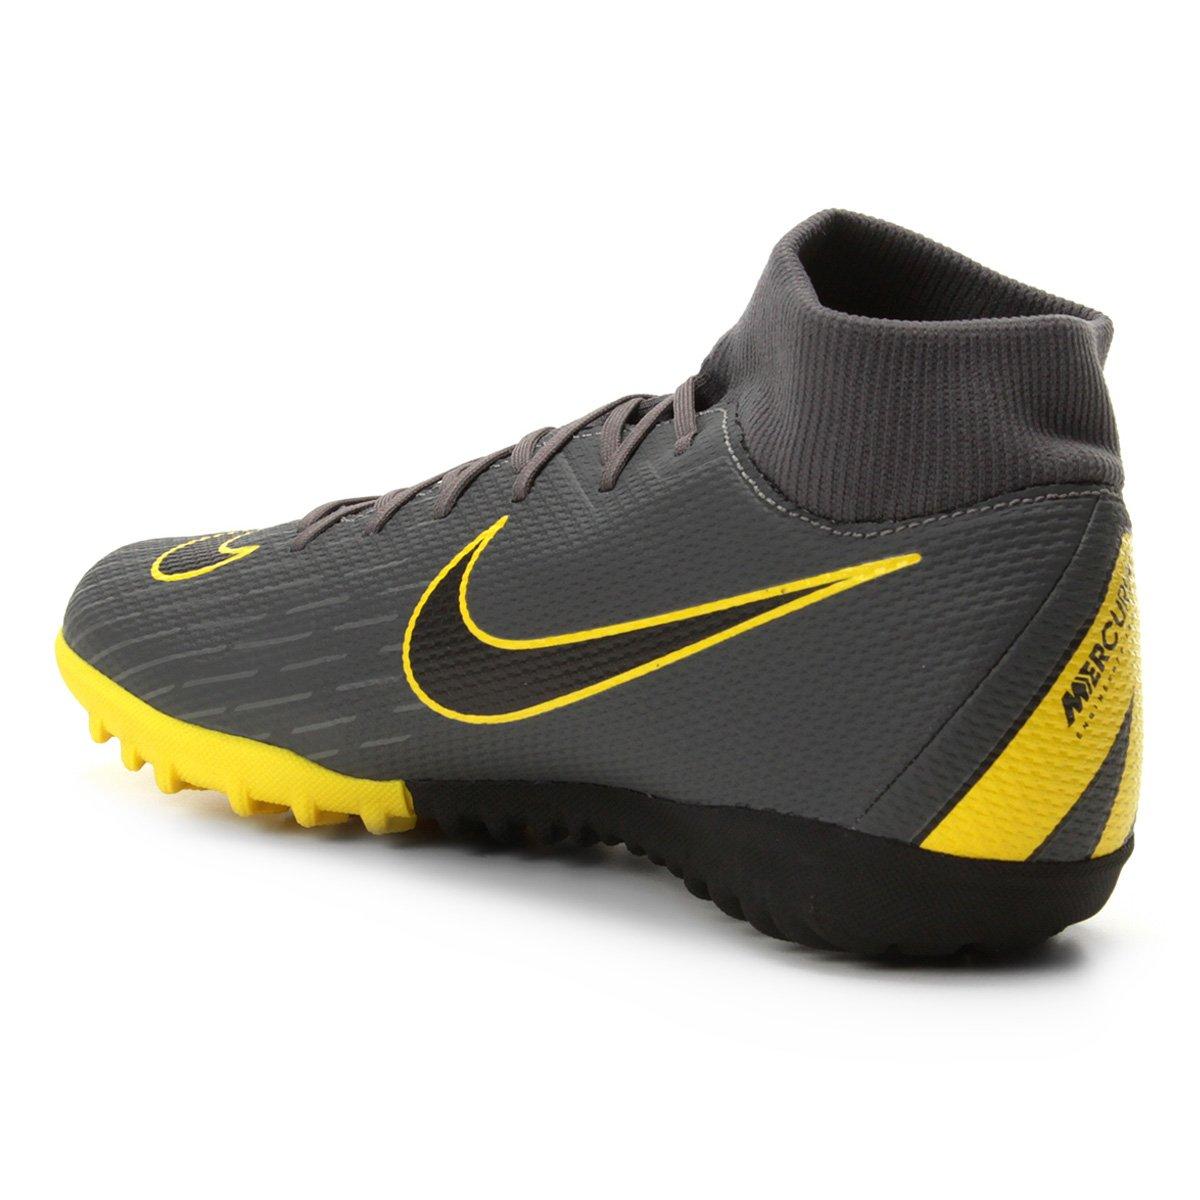 7d447943d8e7e Chuteira Society Nike Mercurial Superfly 6 Academy TF - Tam: 44 ...